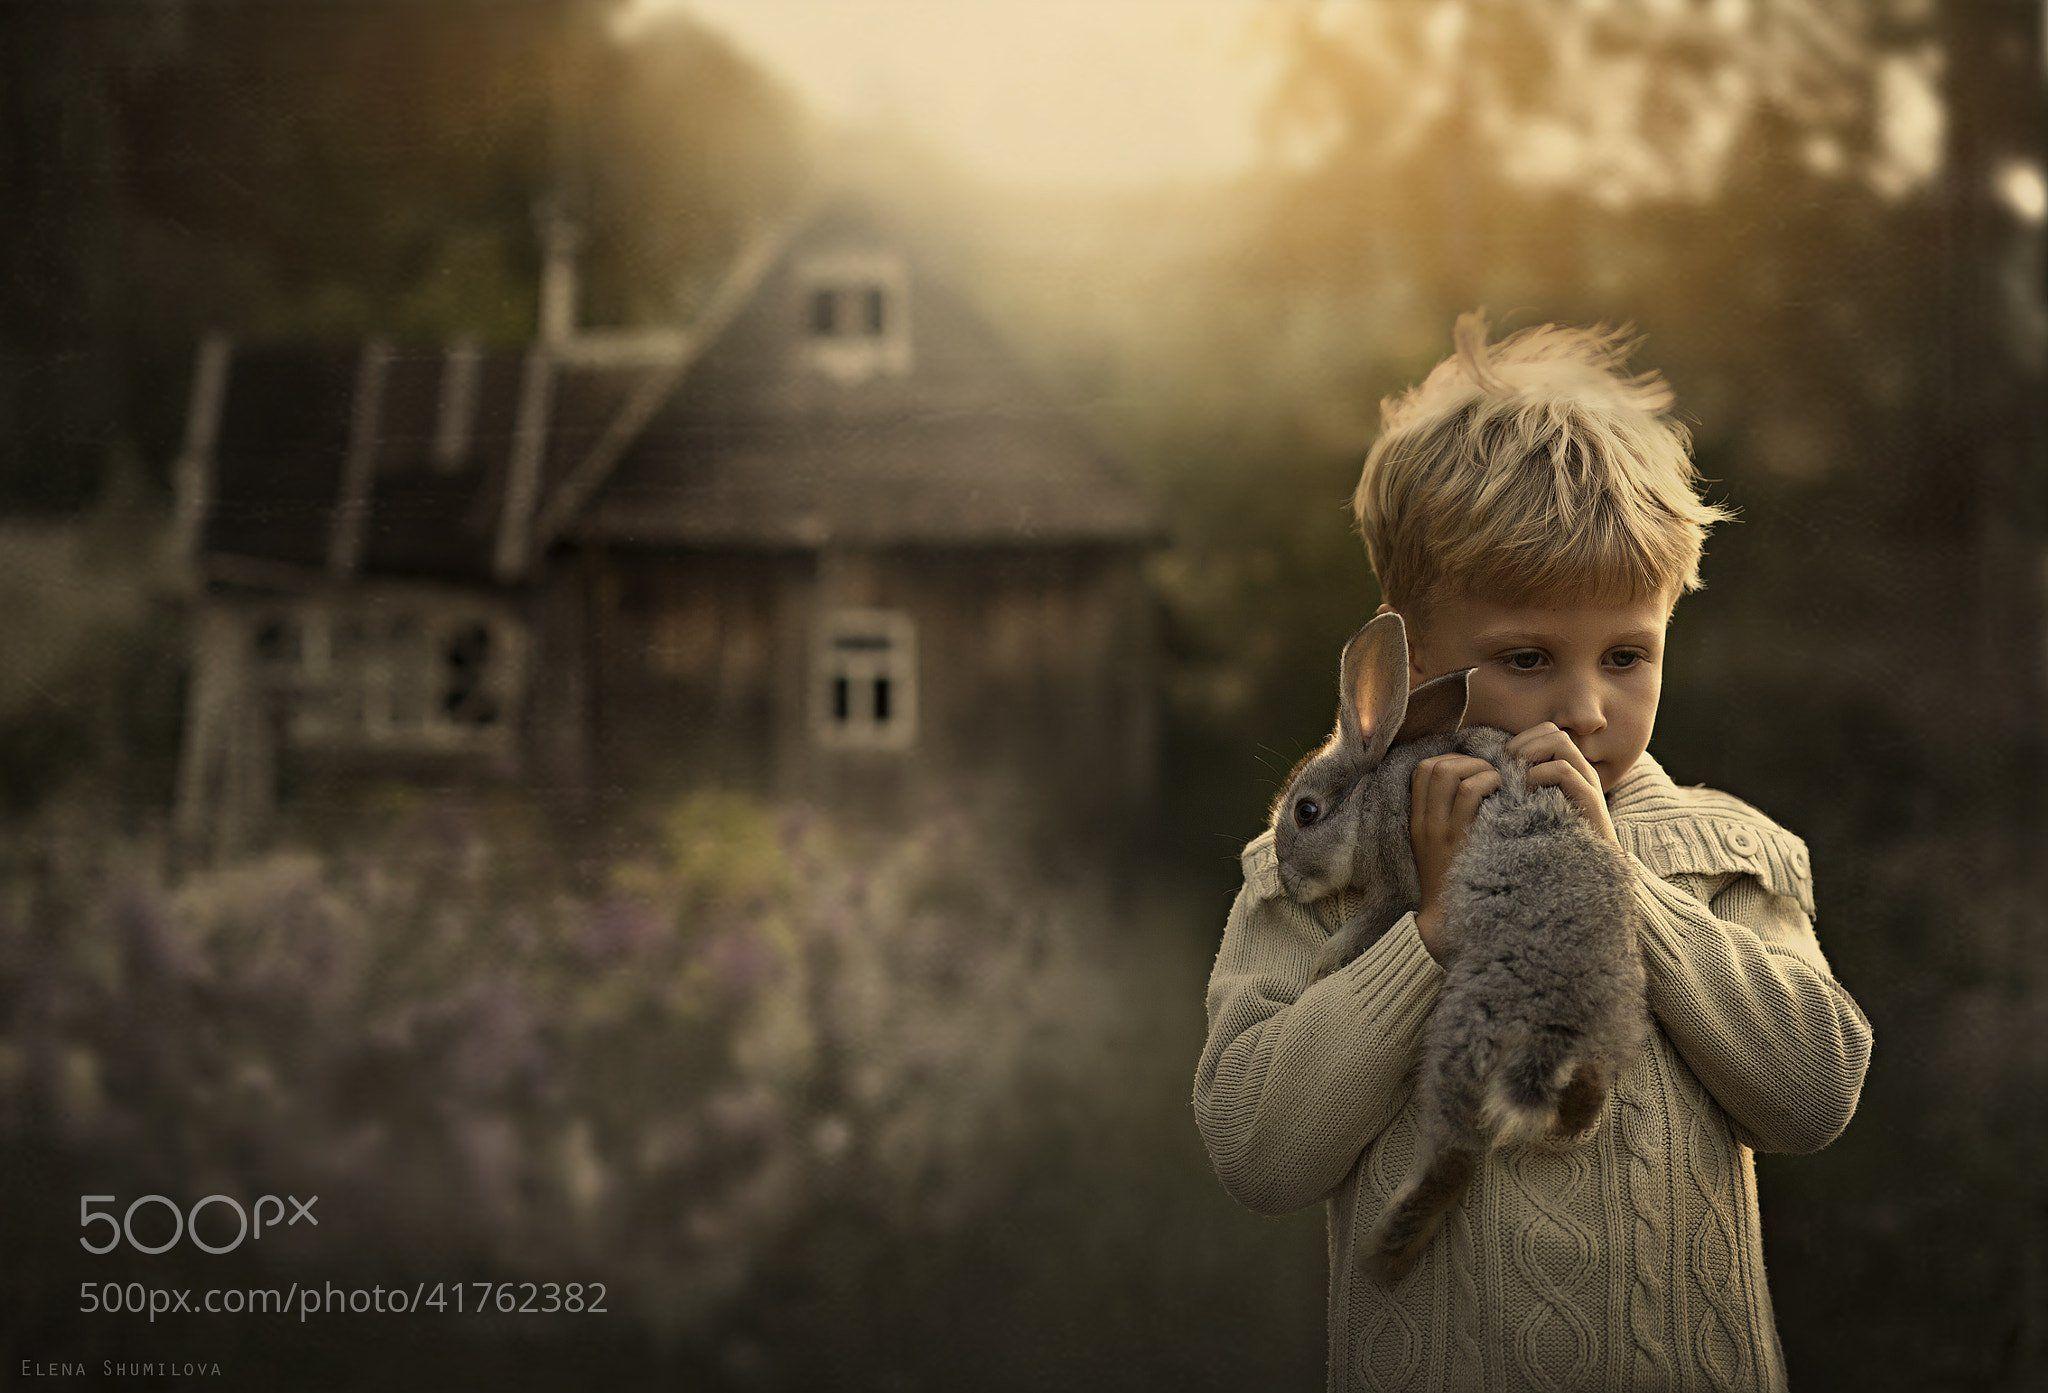 Cotilleando un poco a diferentes fotógrafos he encontrado unas imágenes que me han gustado mucho. La fotógrafa es Elena Shumilova, sus imágenes están llenas de ternura porque fotografía a niños, gu…